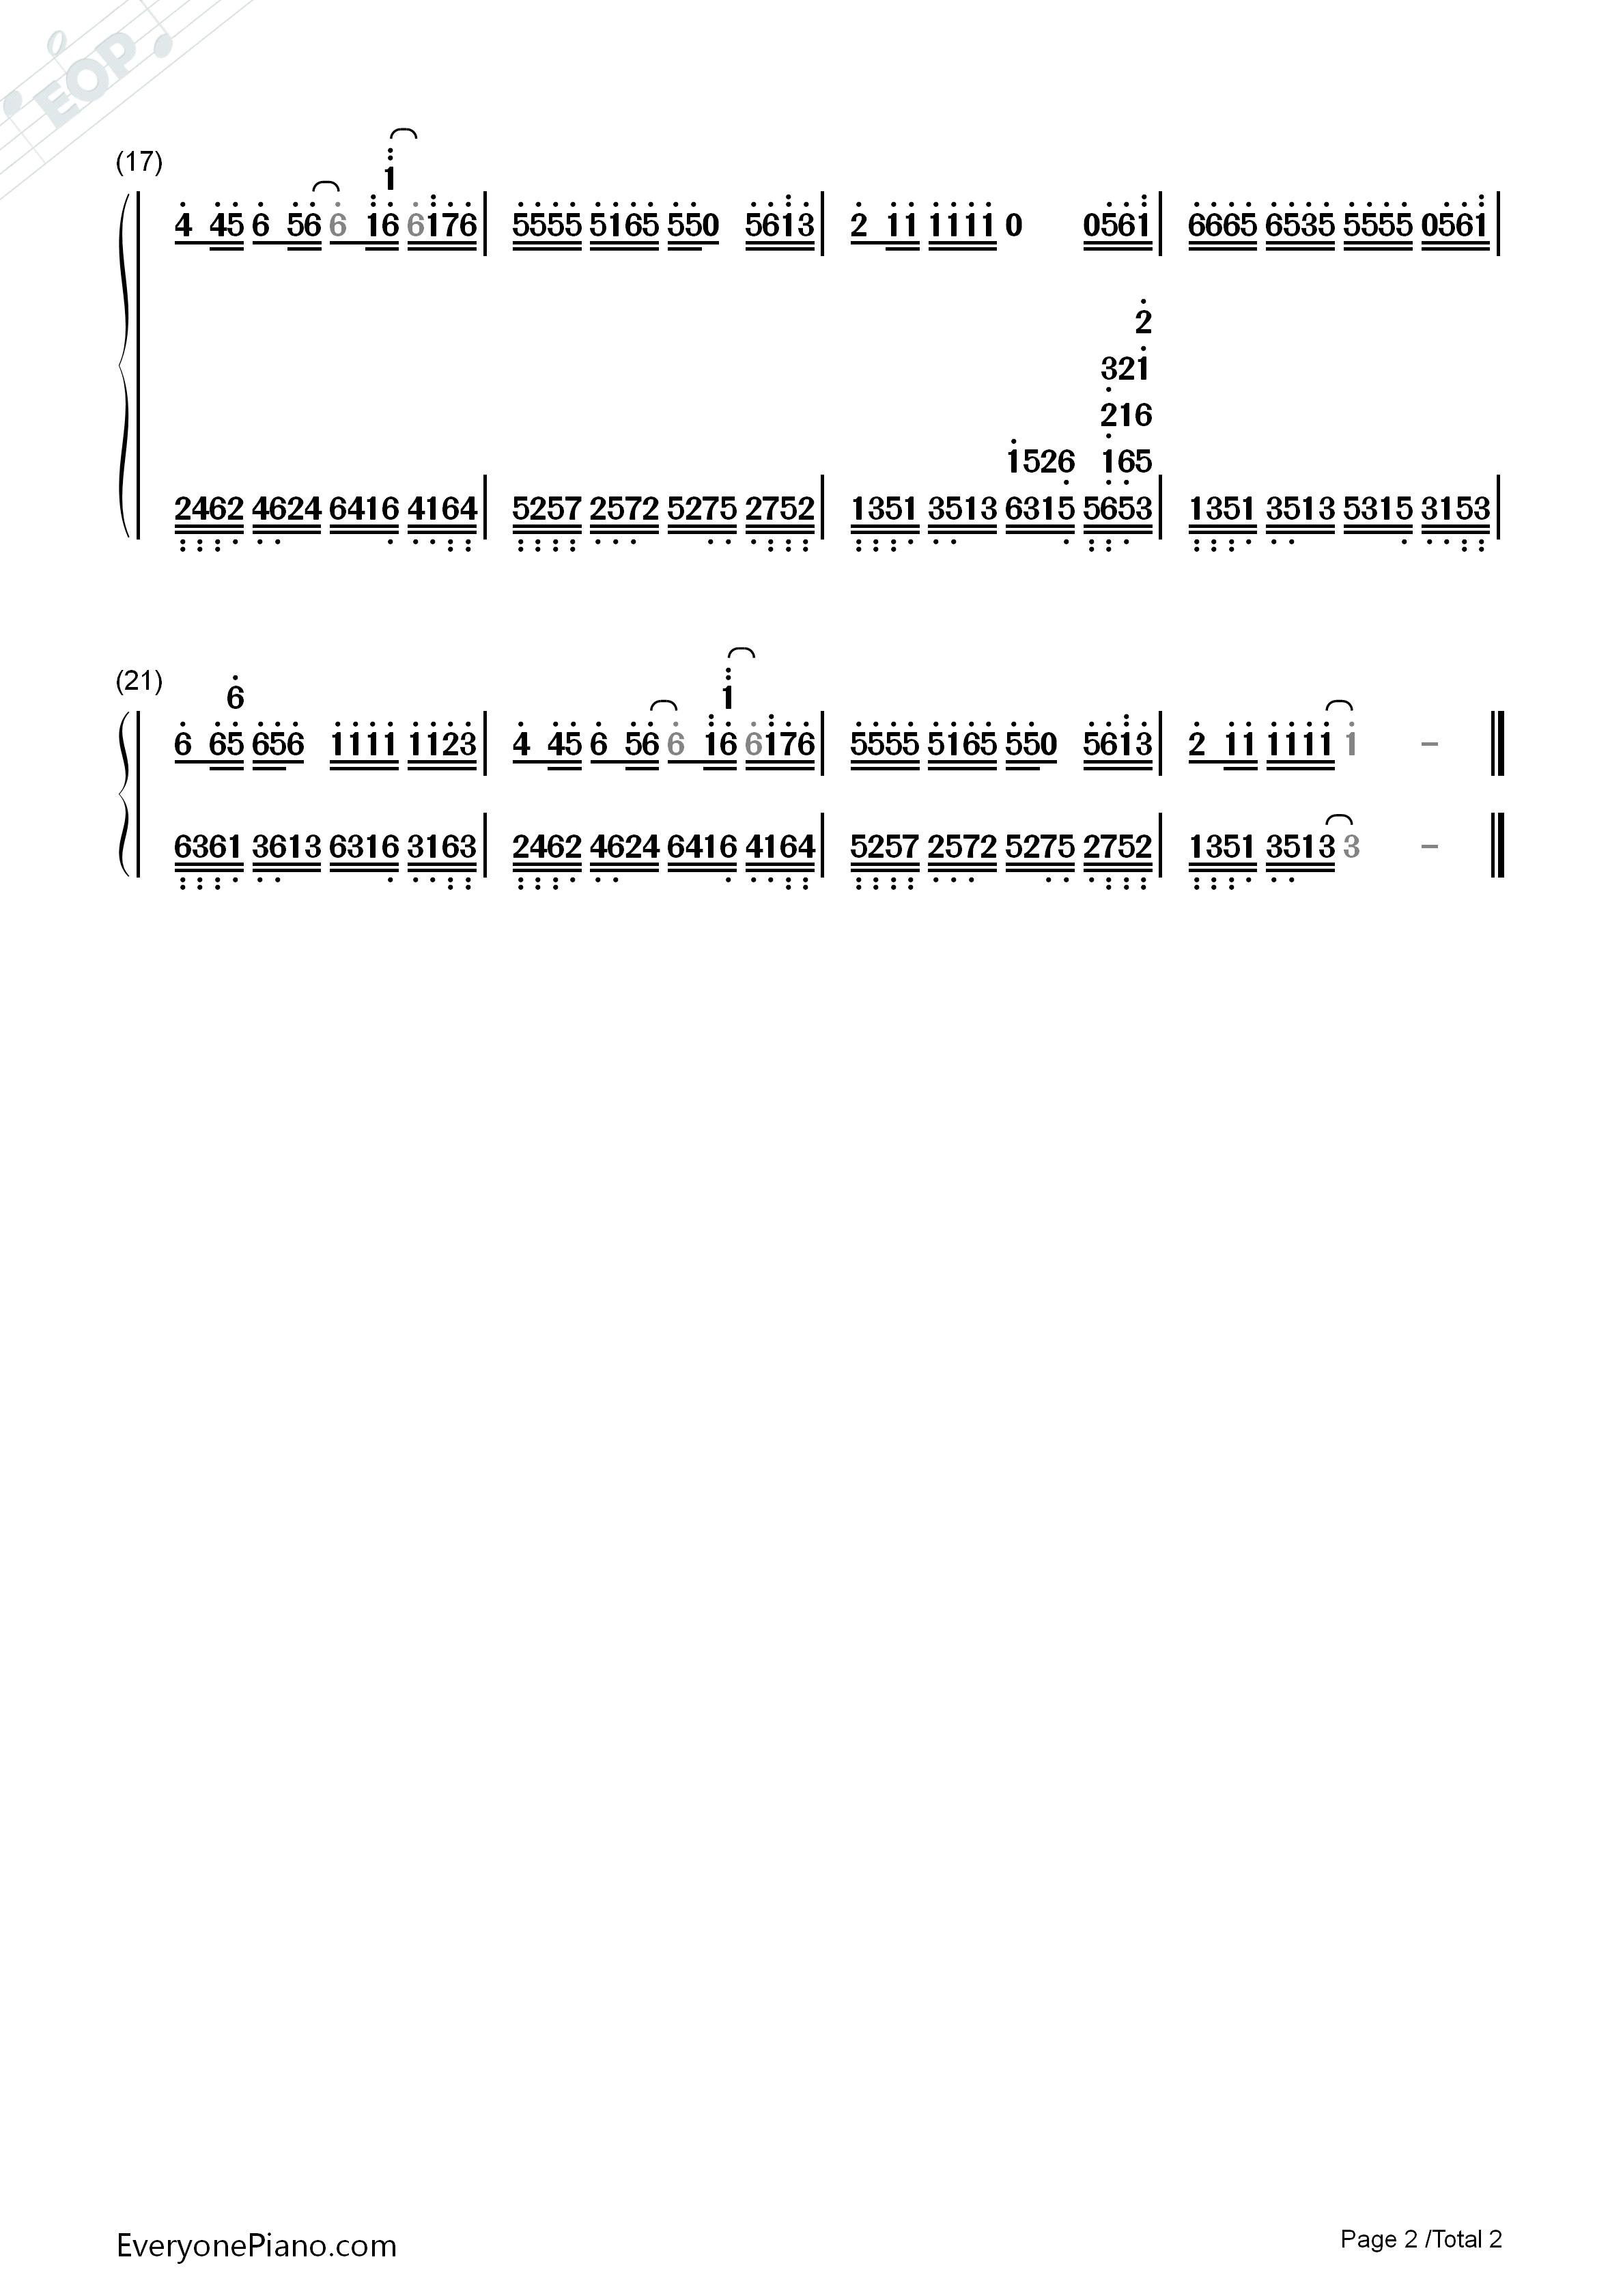 钢琴曲谱 流行 最浪漫的事 最浪漫的事双手简谱预览2  }  仅供学习